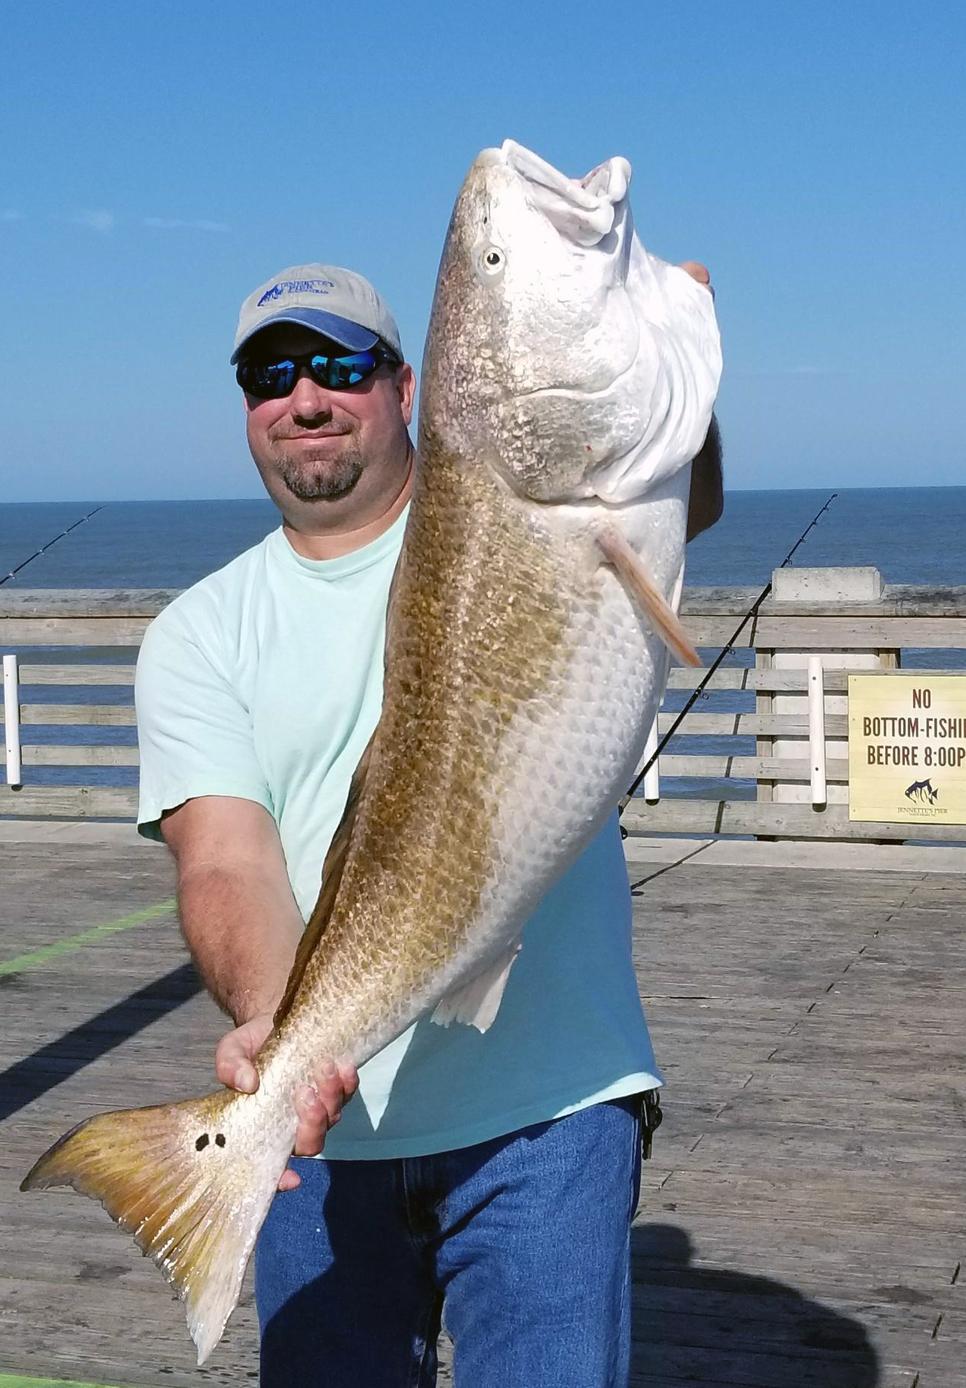 Jennette 39 s pier fishing report september 21 2017 for Jennette s fishing pier